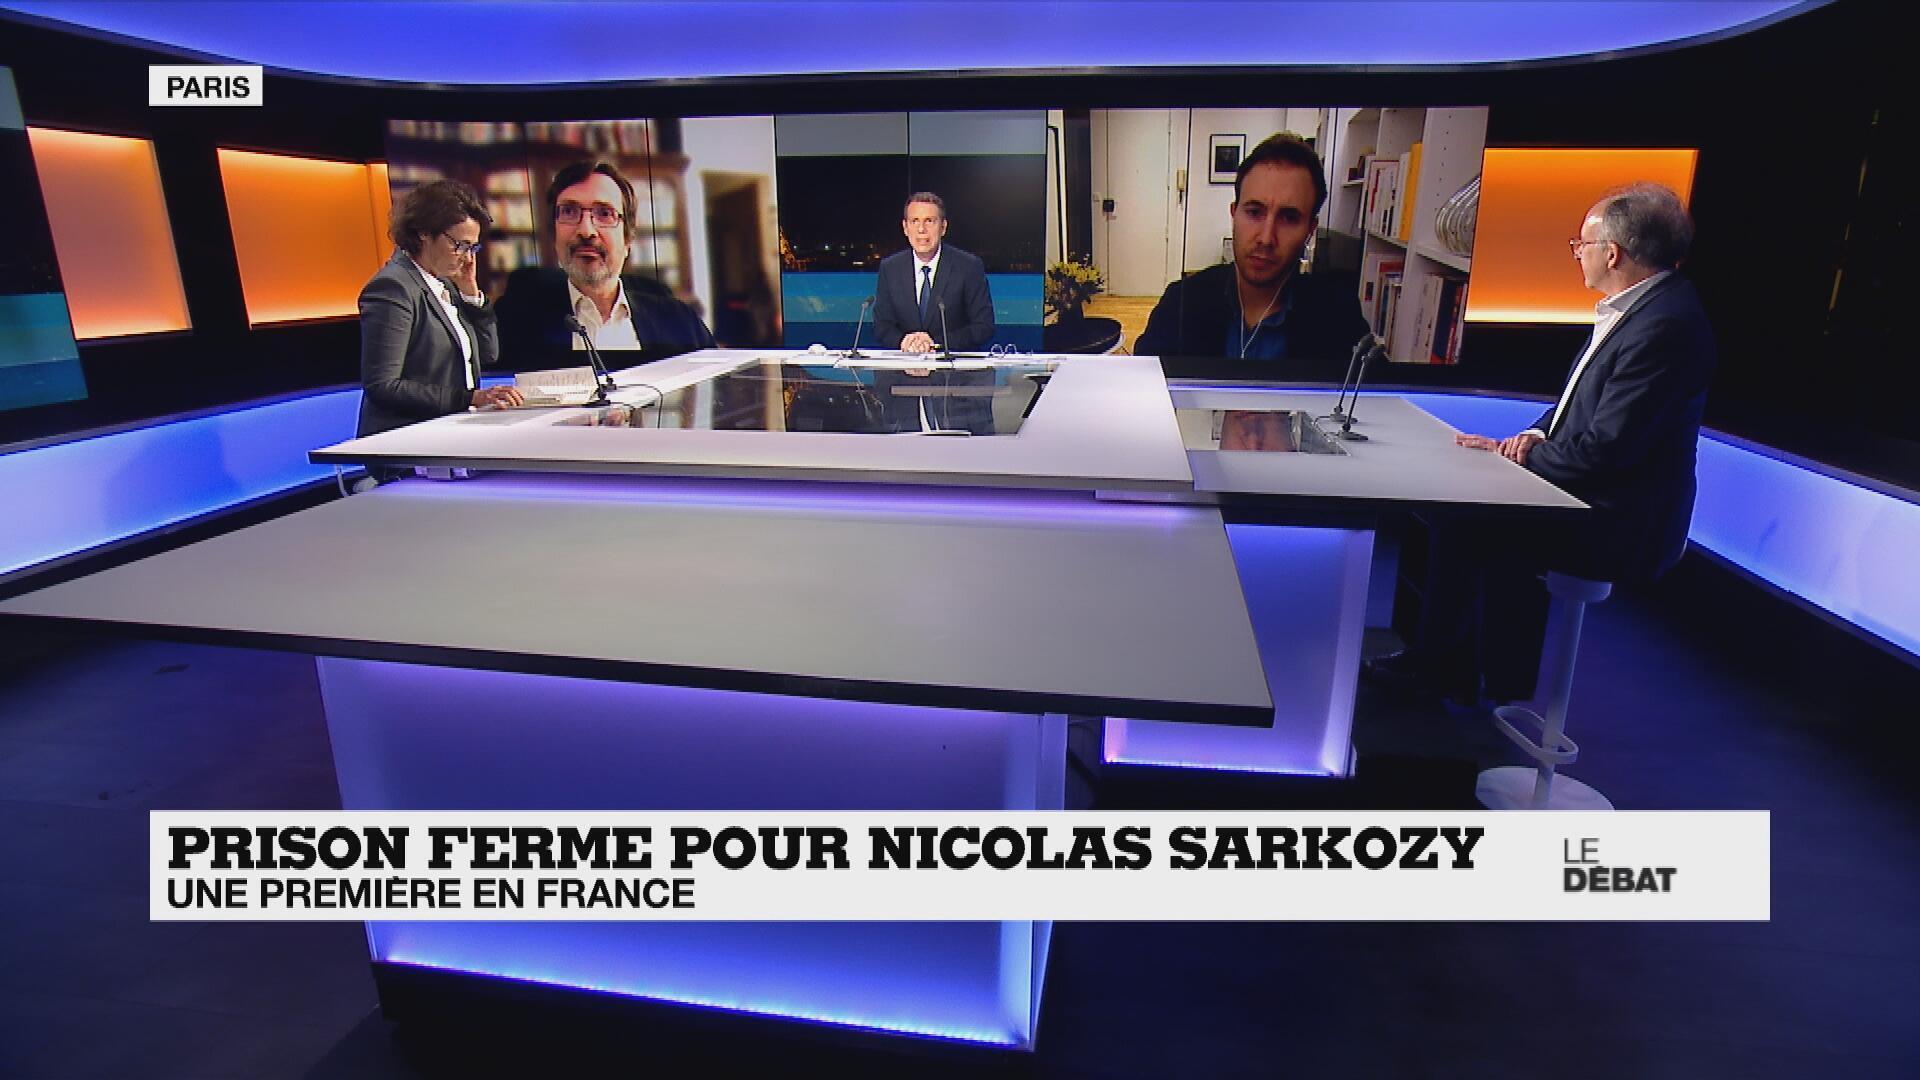 Le Débat de France 24 - lundi 1er mars 2021